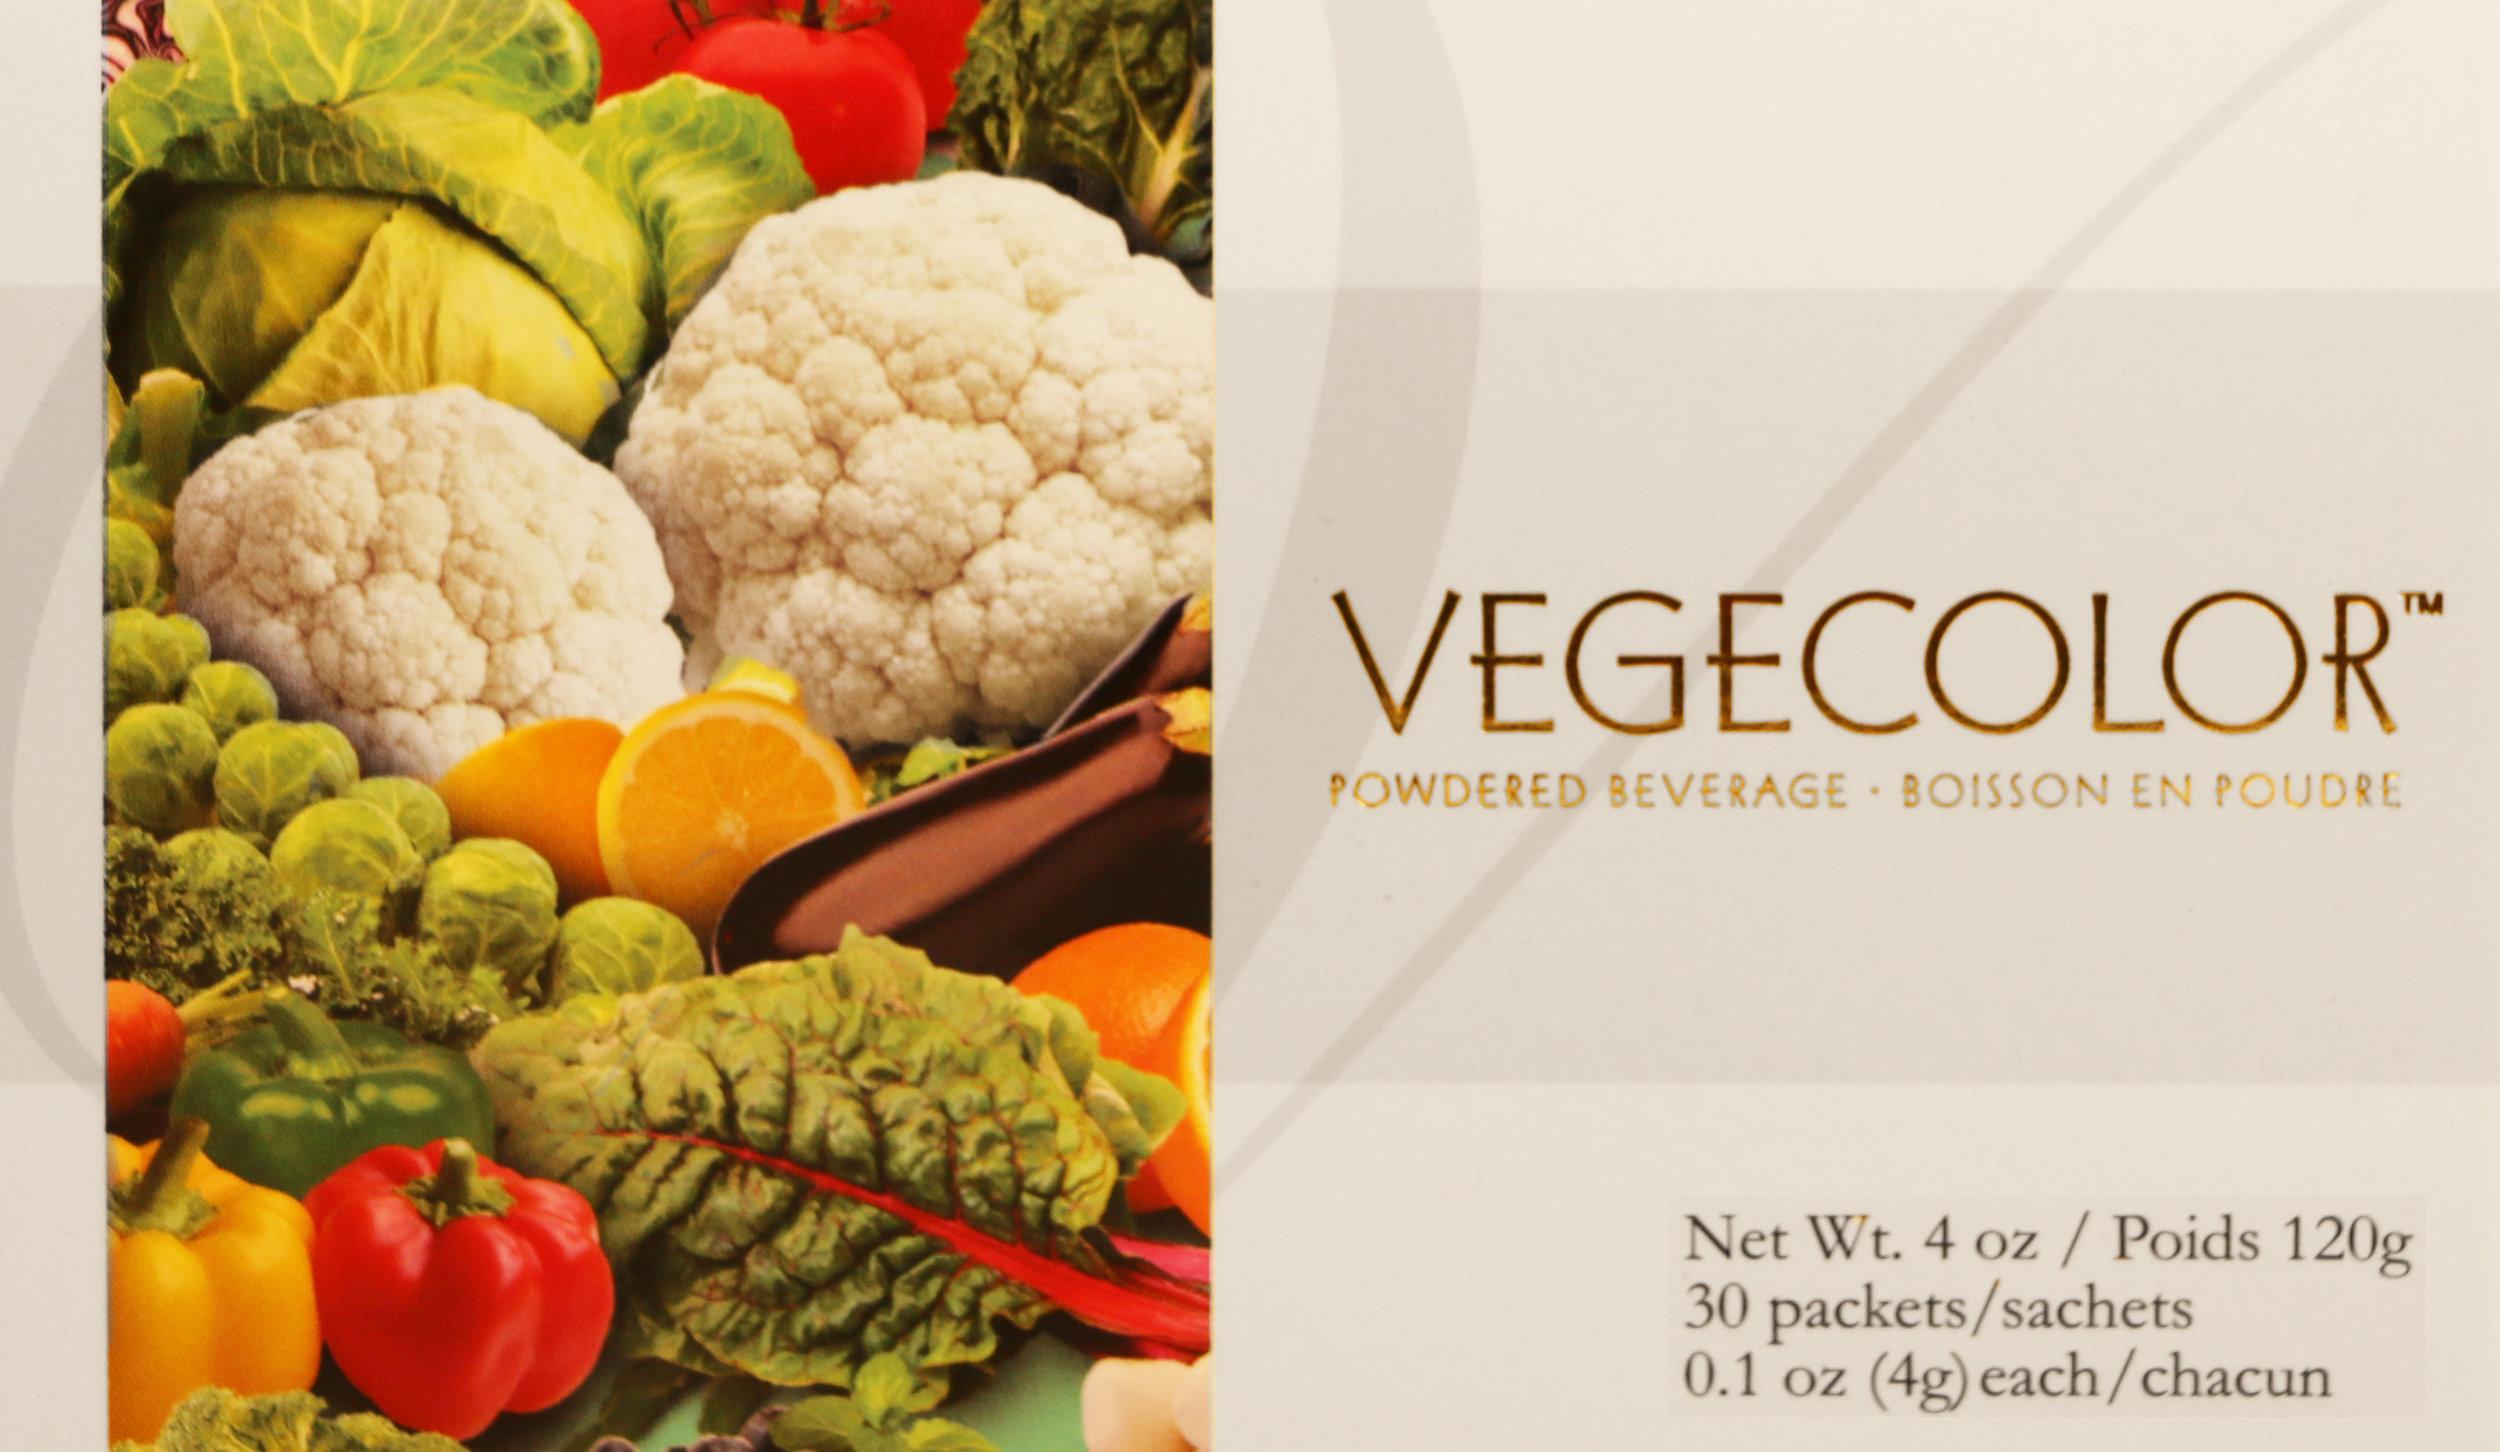 """「多蔬彩」 - 以25種健康的蔬果混合製成。""""癌症是一種由多種因素引發的疾病,而富含水果蔬菜的低脂飲食(低脂飲食可能含有膳食纖維)能降低罹患某些種癌症的風險。""""2包「多蔬彩」可成為膳食纖維的極佳食源。"""